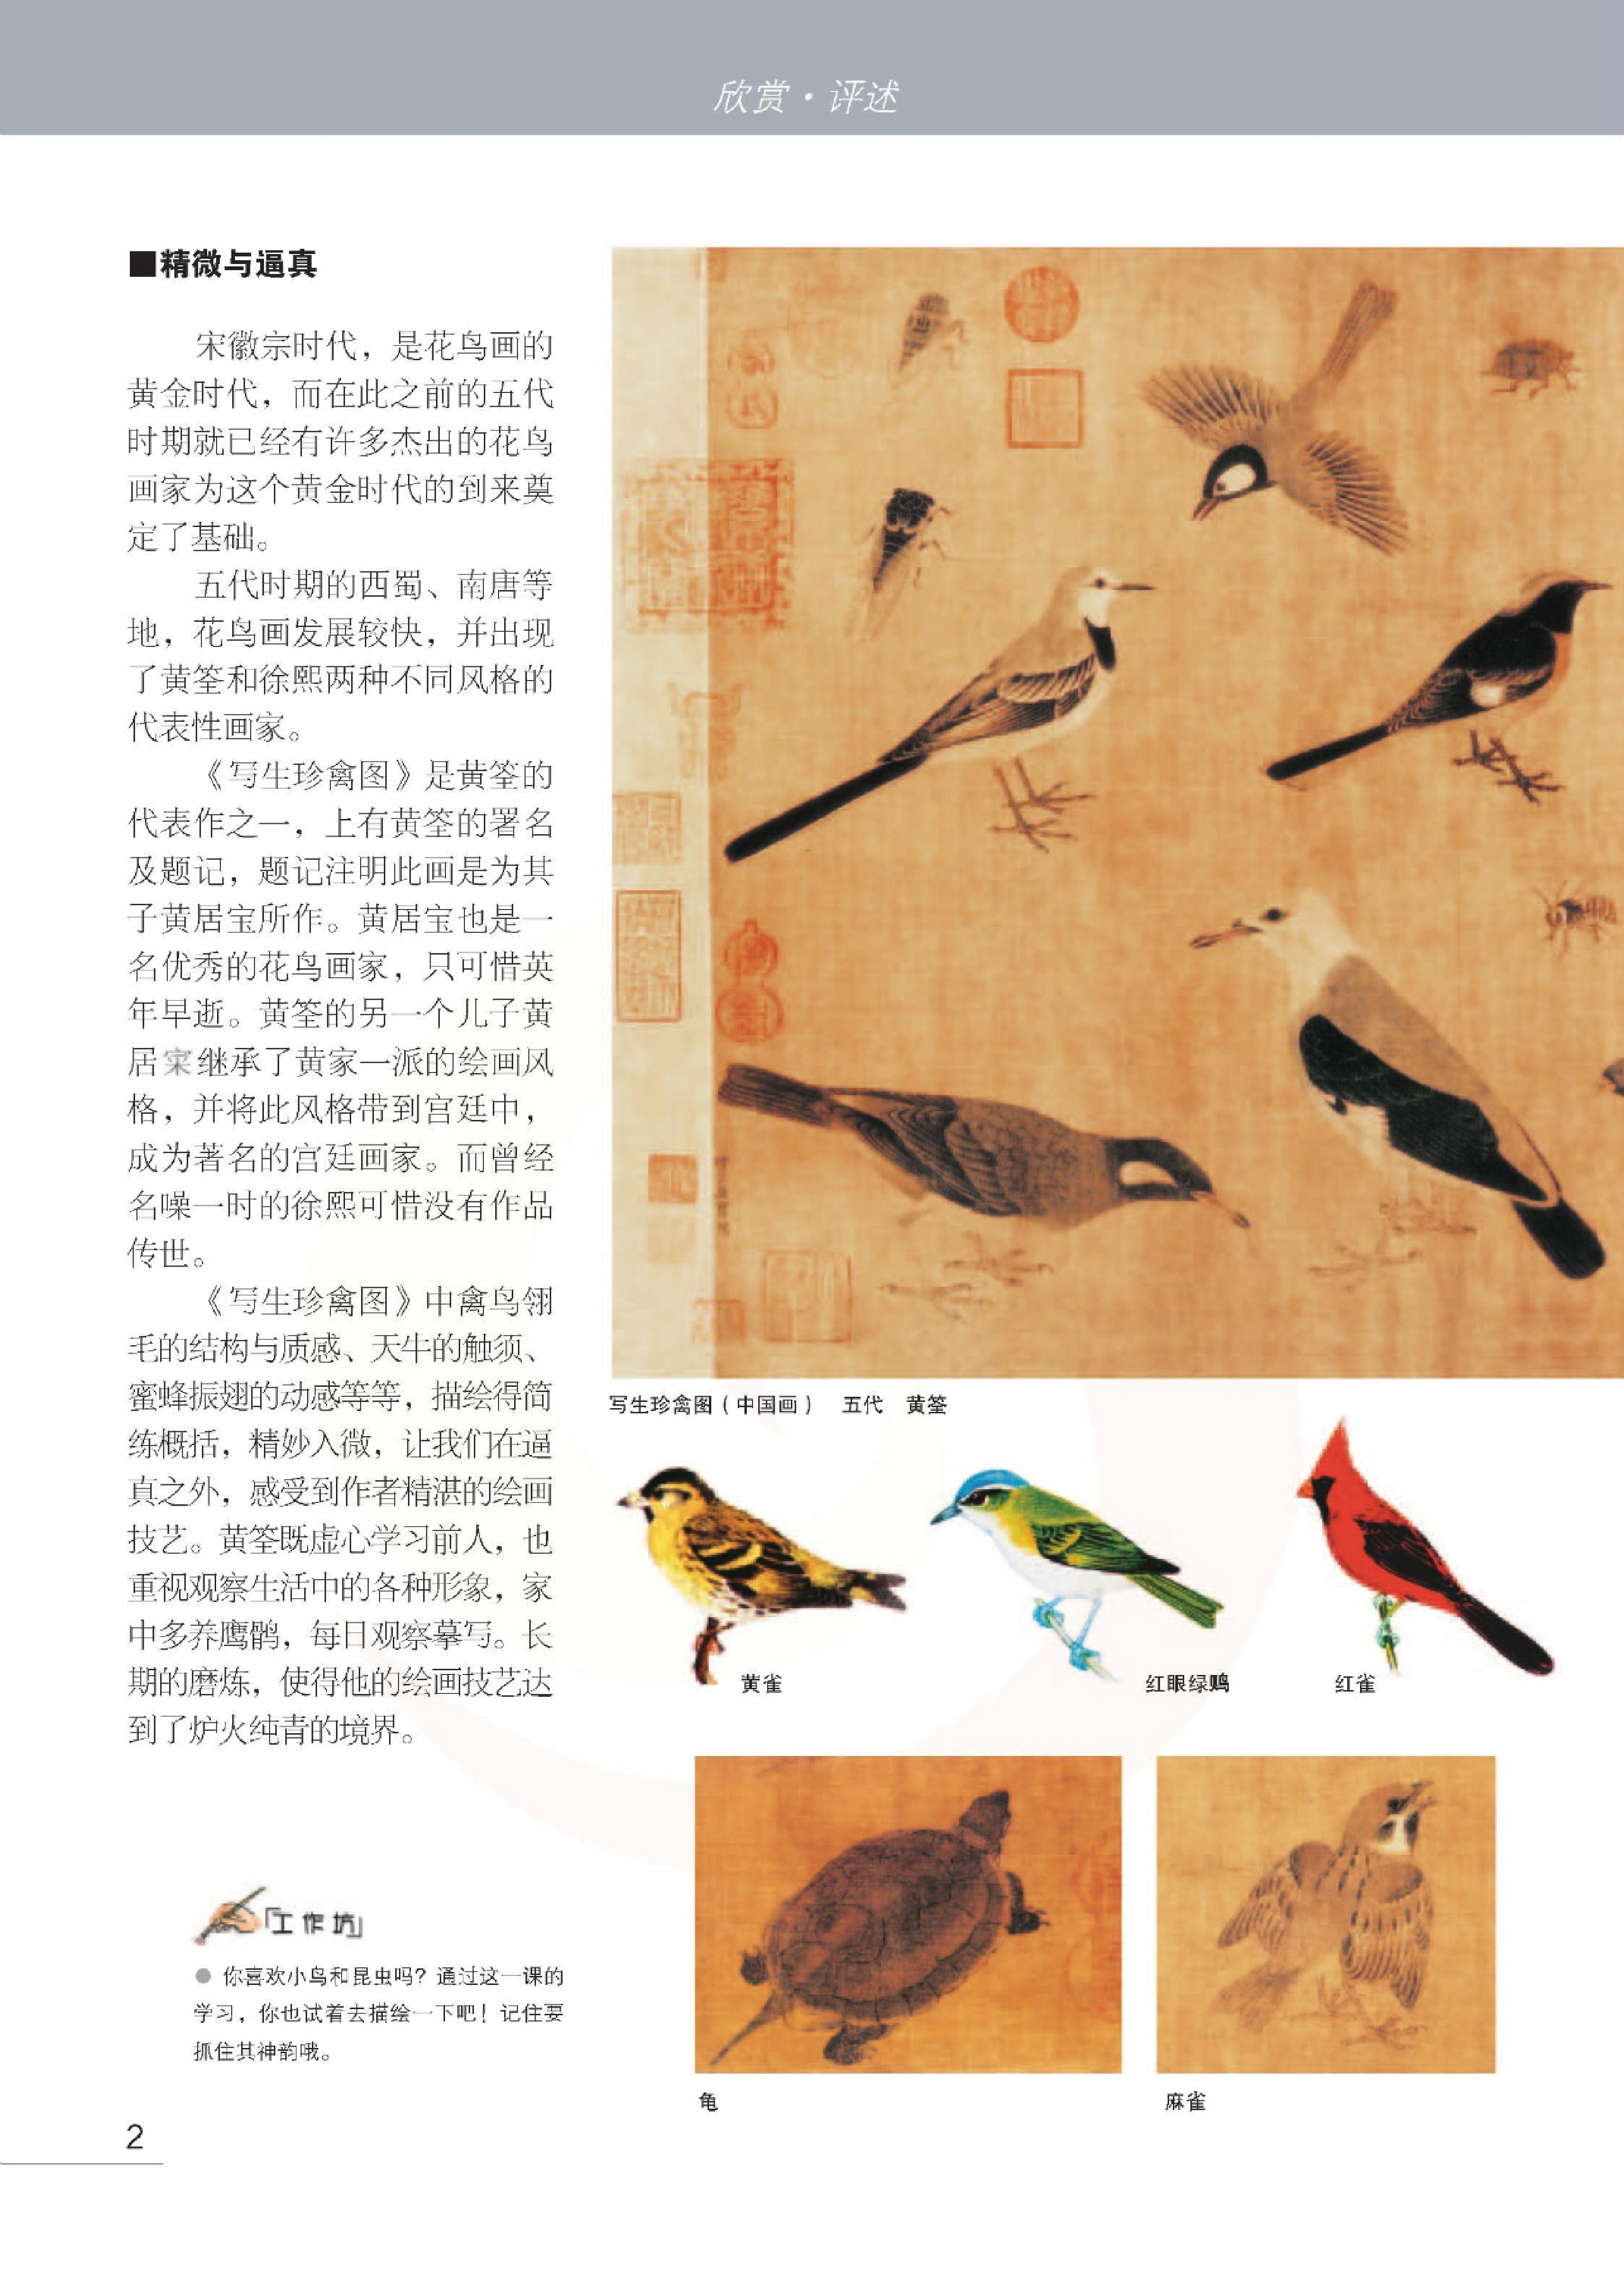 苏教版初中美术教材_初中美术七至九年级-教材-江苏凤凰教育发展有限公司